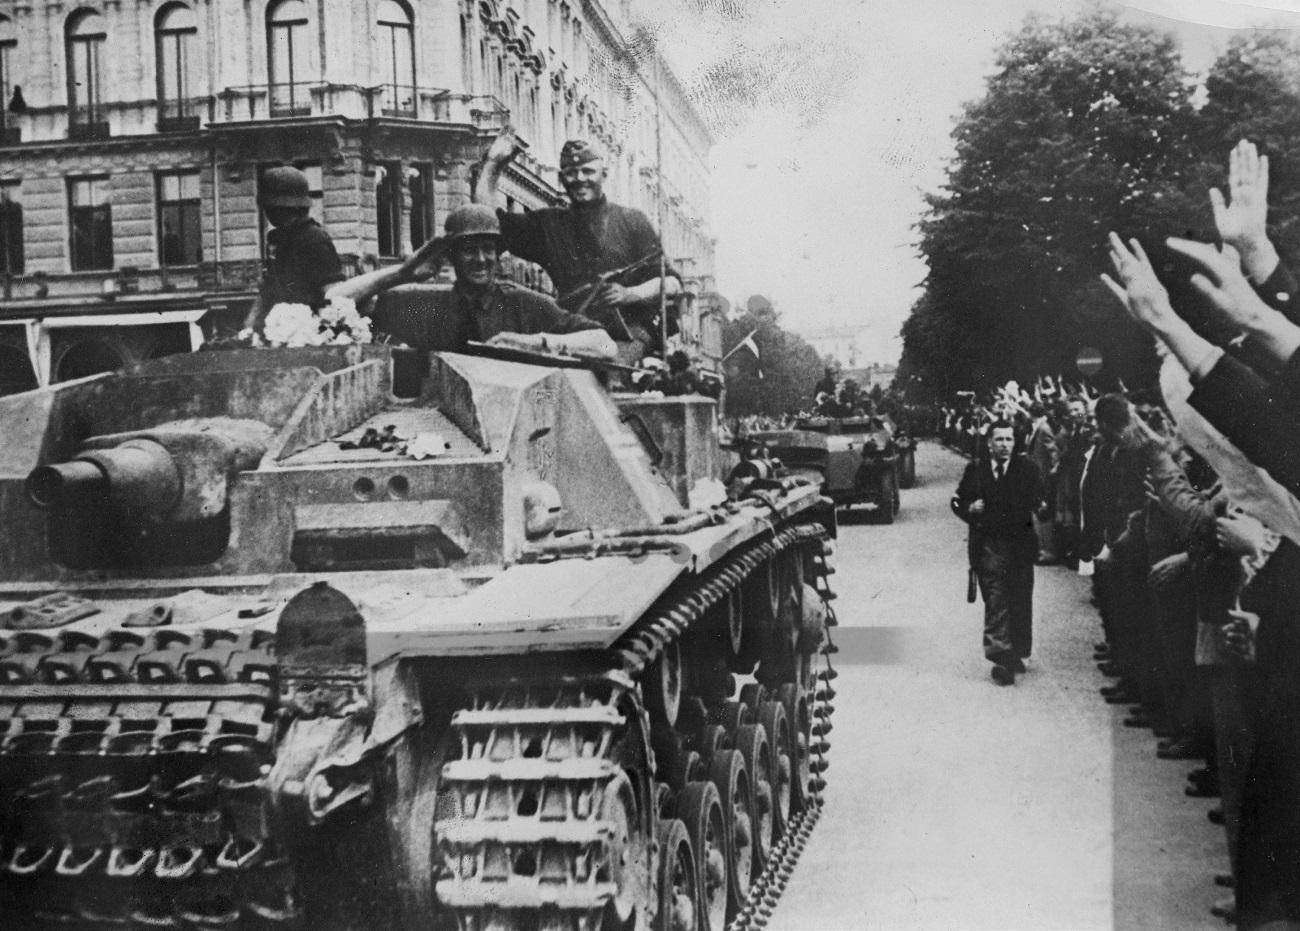 Немачка војска улази у Ригу, јул 1941.  / Global Look Press